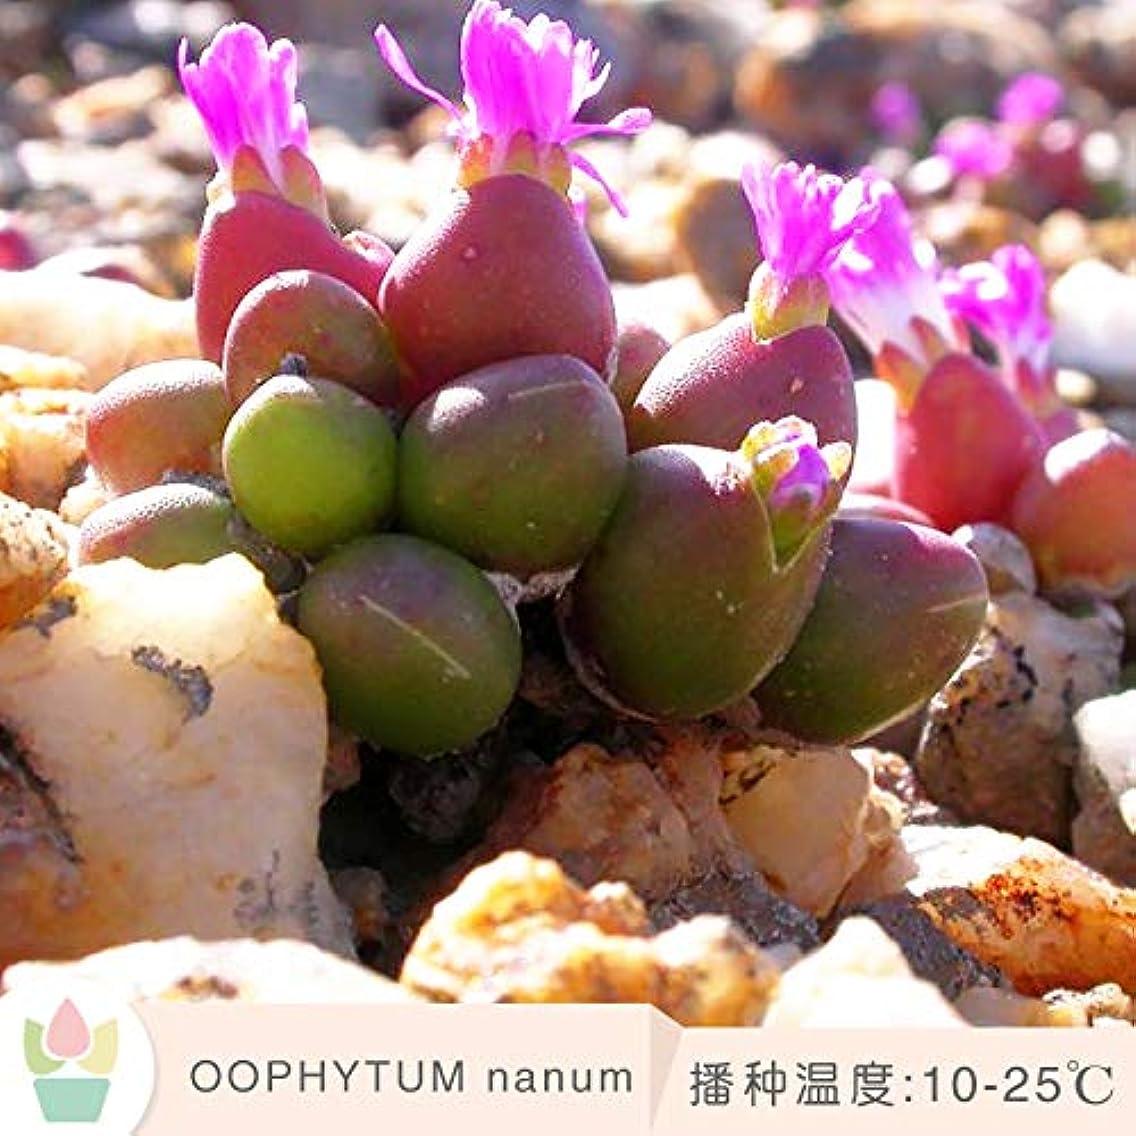 差別する重くする矩形OOPHYTUM nanum クルミの種子マルチミートパンアプリコット科アフリカクルミの生石の花のコーン 20 粒